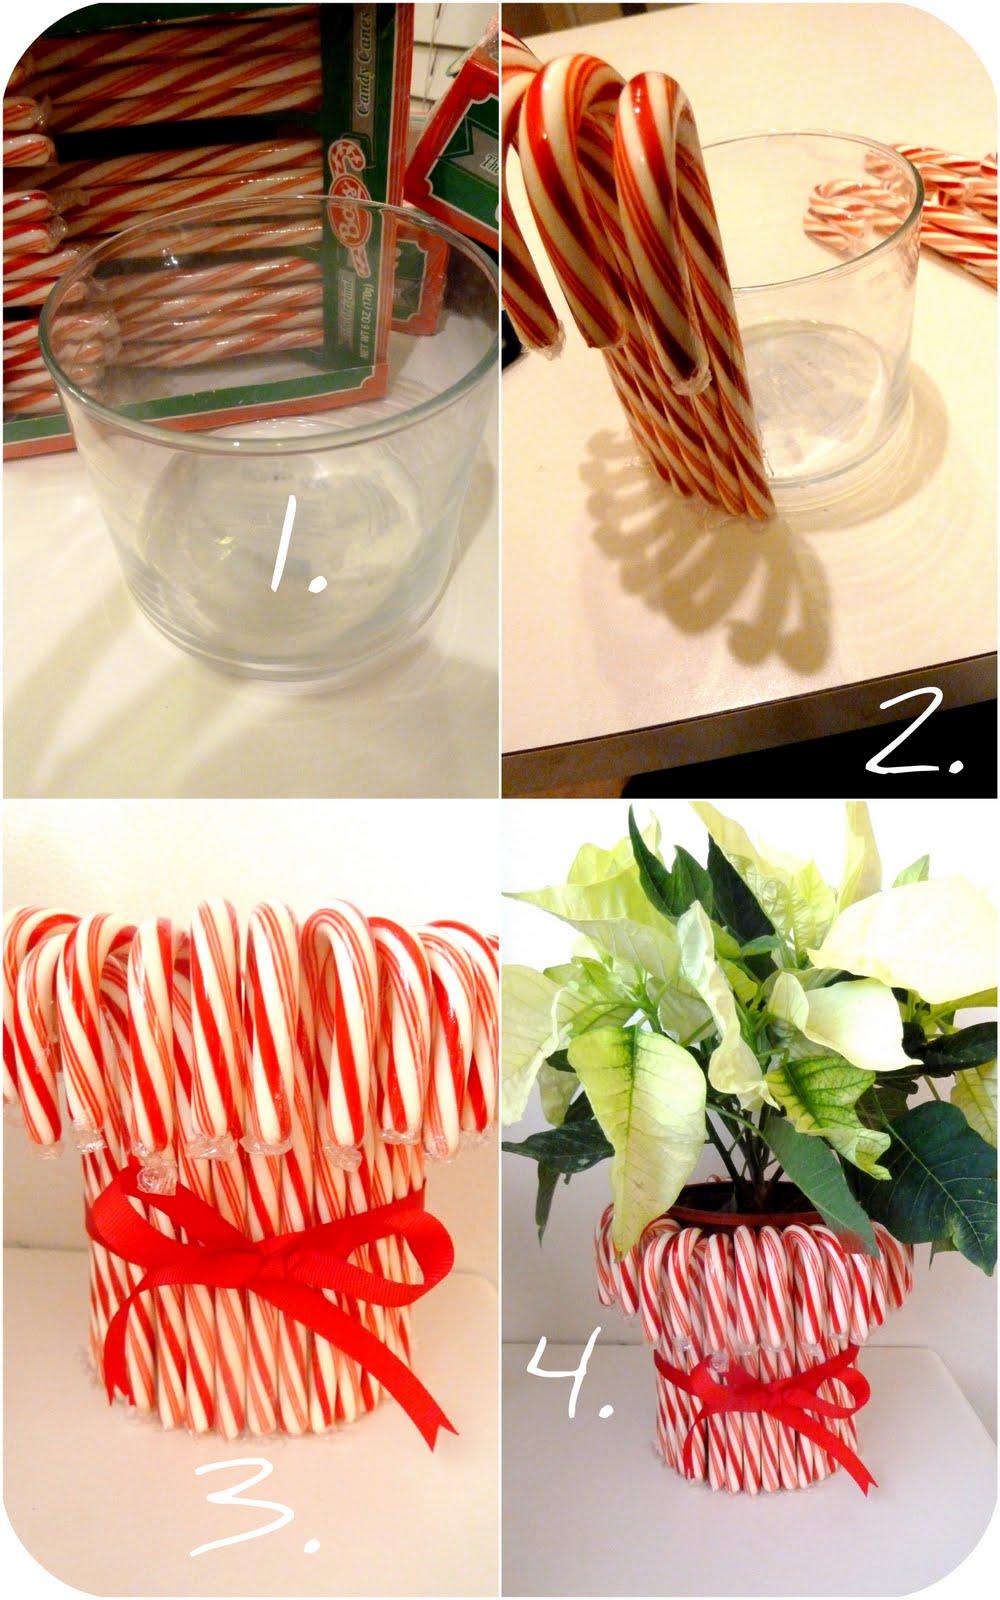 Candy Cane Centerpiece (Teacher's gift)